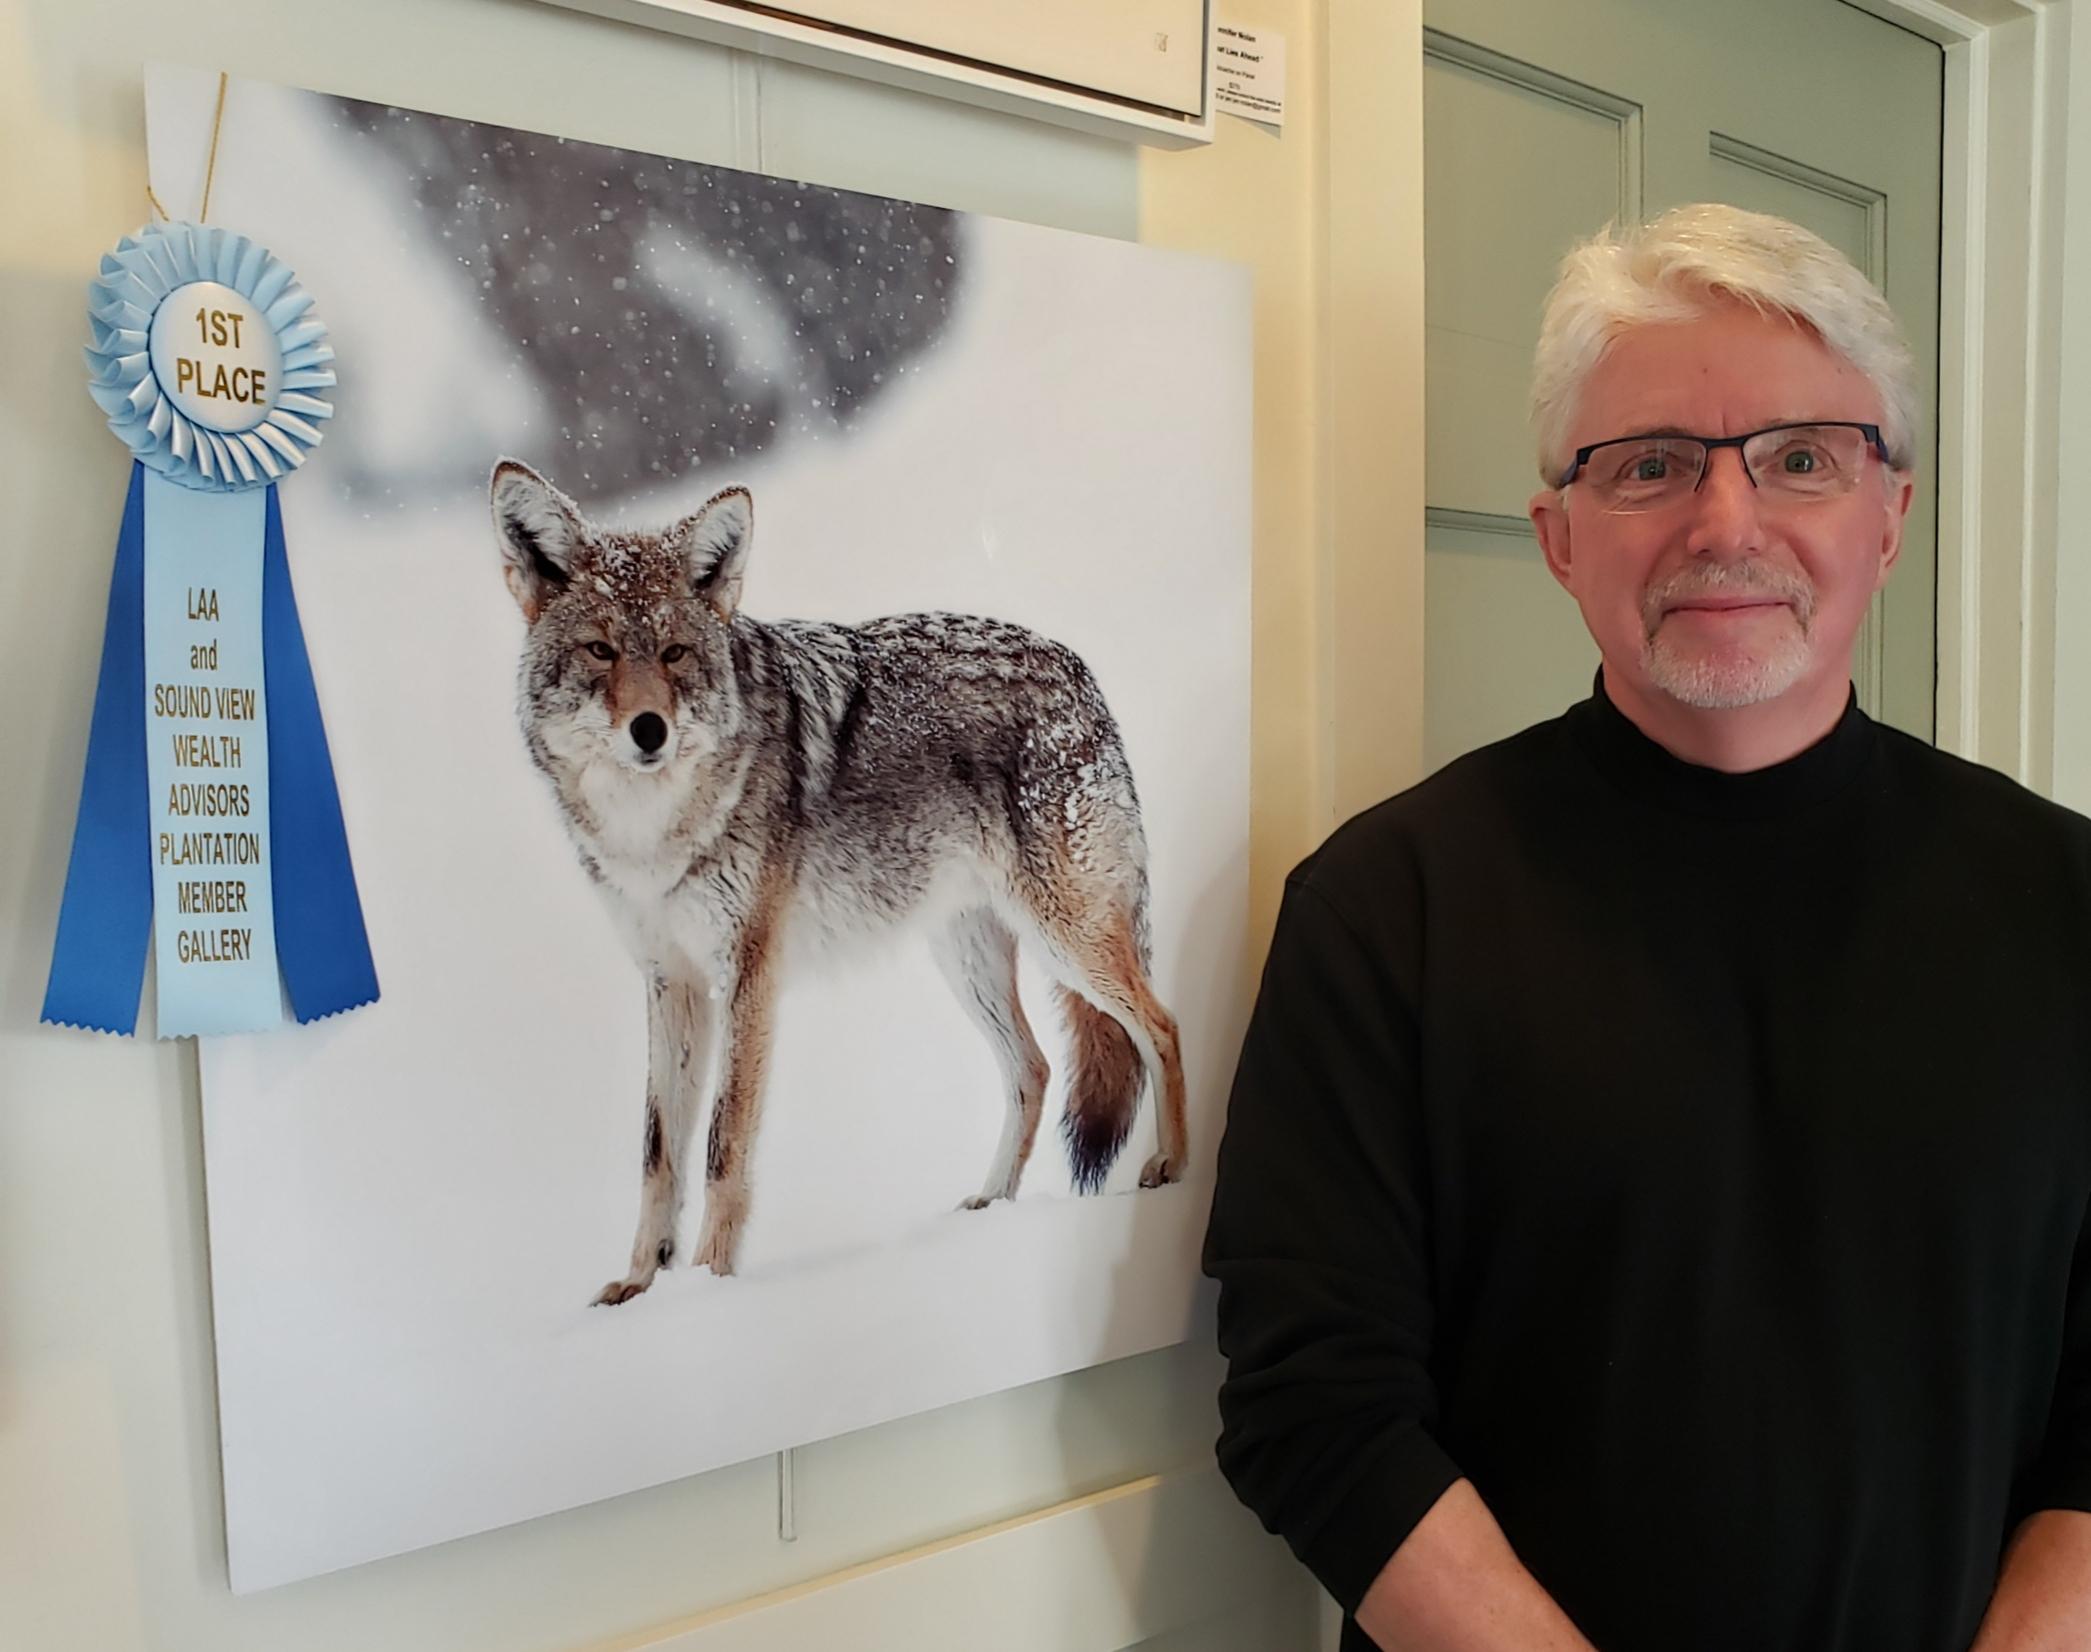 Jim Guerard